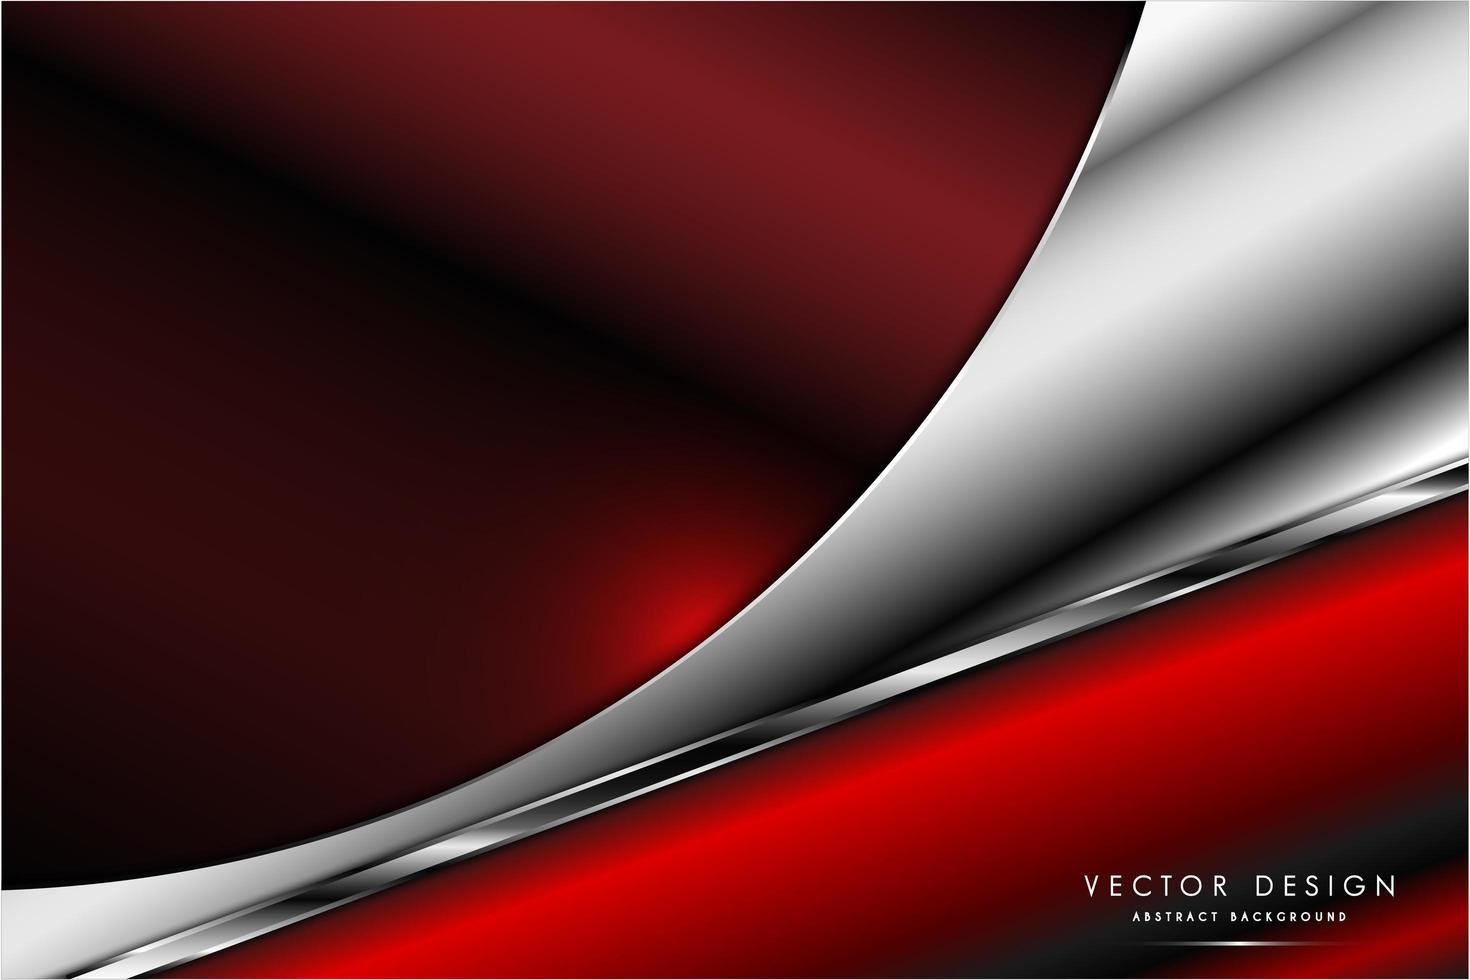 diseño curvo dinámico rojo y plateado metálico vector